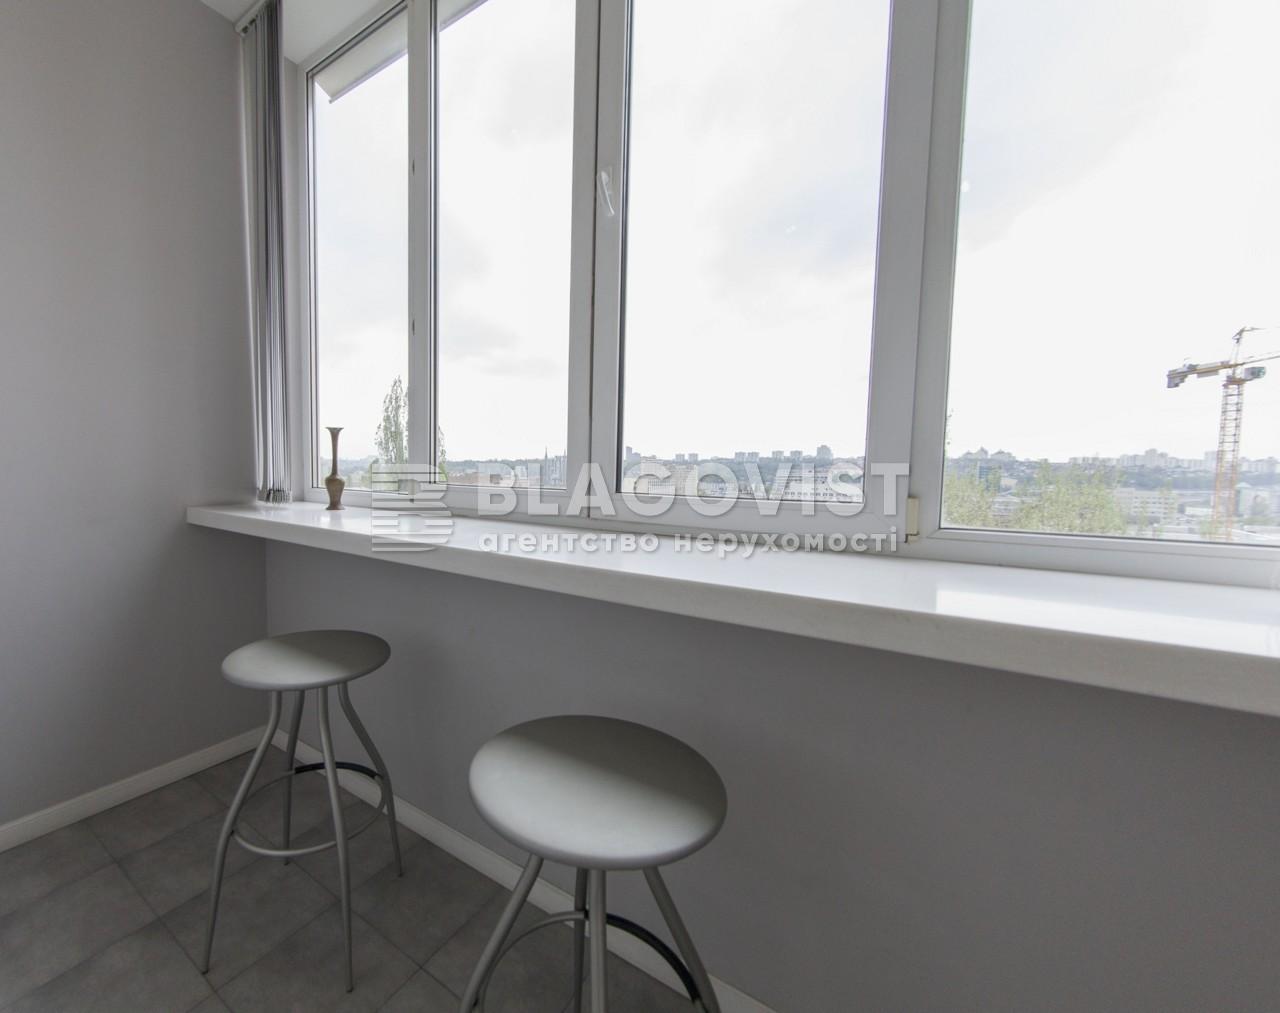 Квартира A-76923, Тютюнника Василия (Барбюса Анри), 5в, Киев - Фото 20